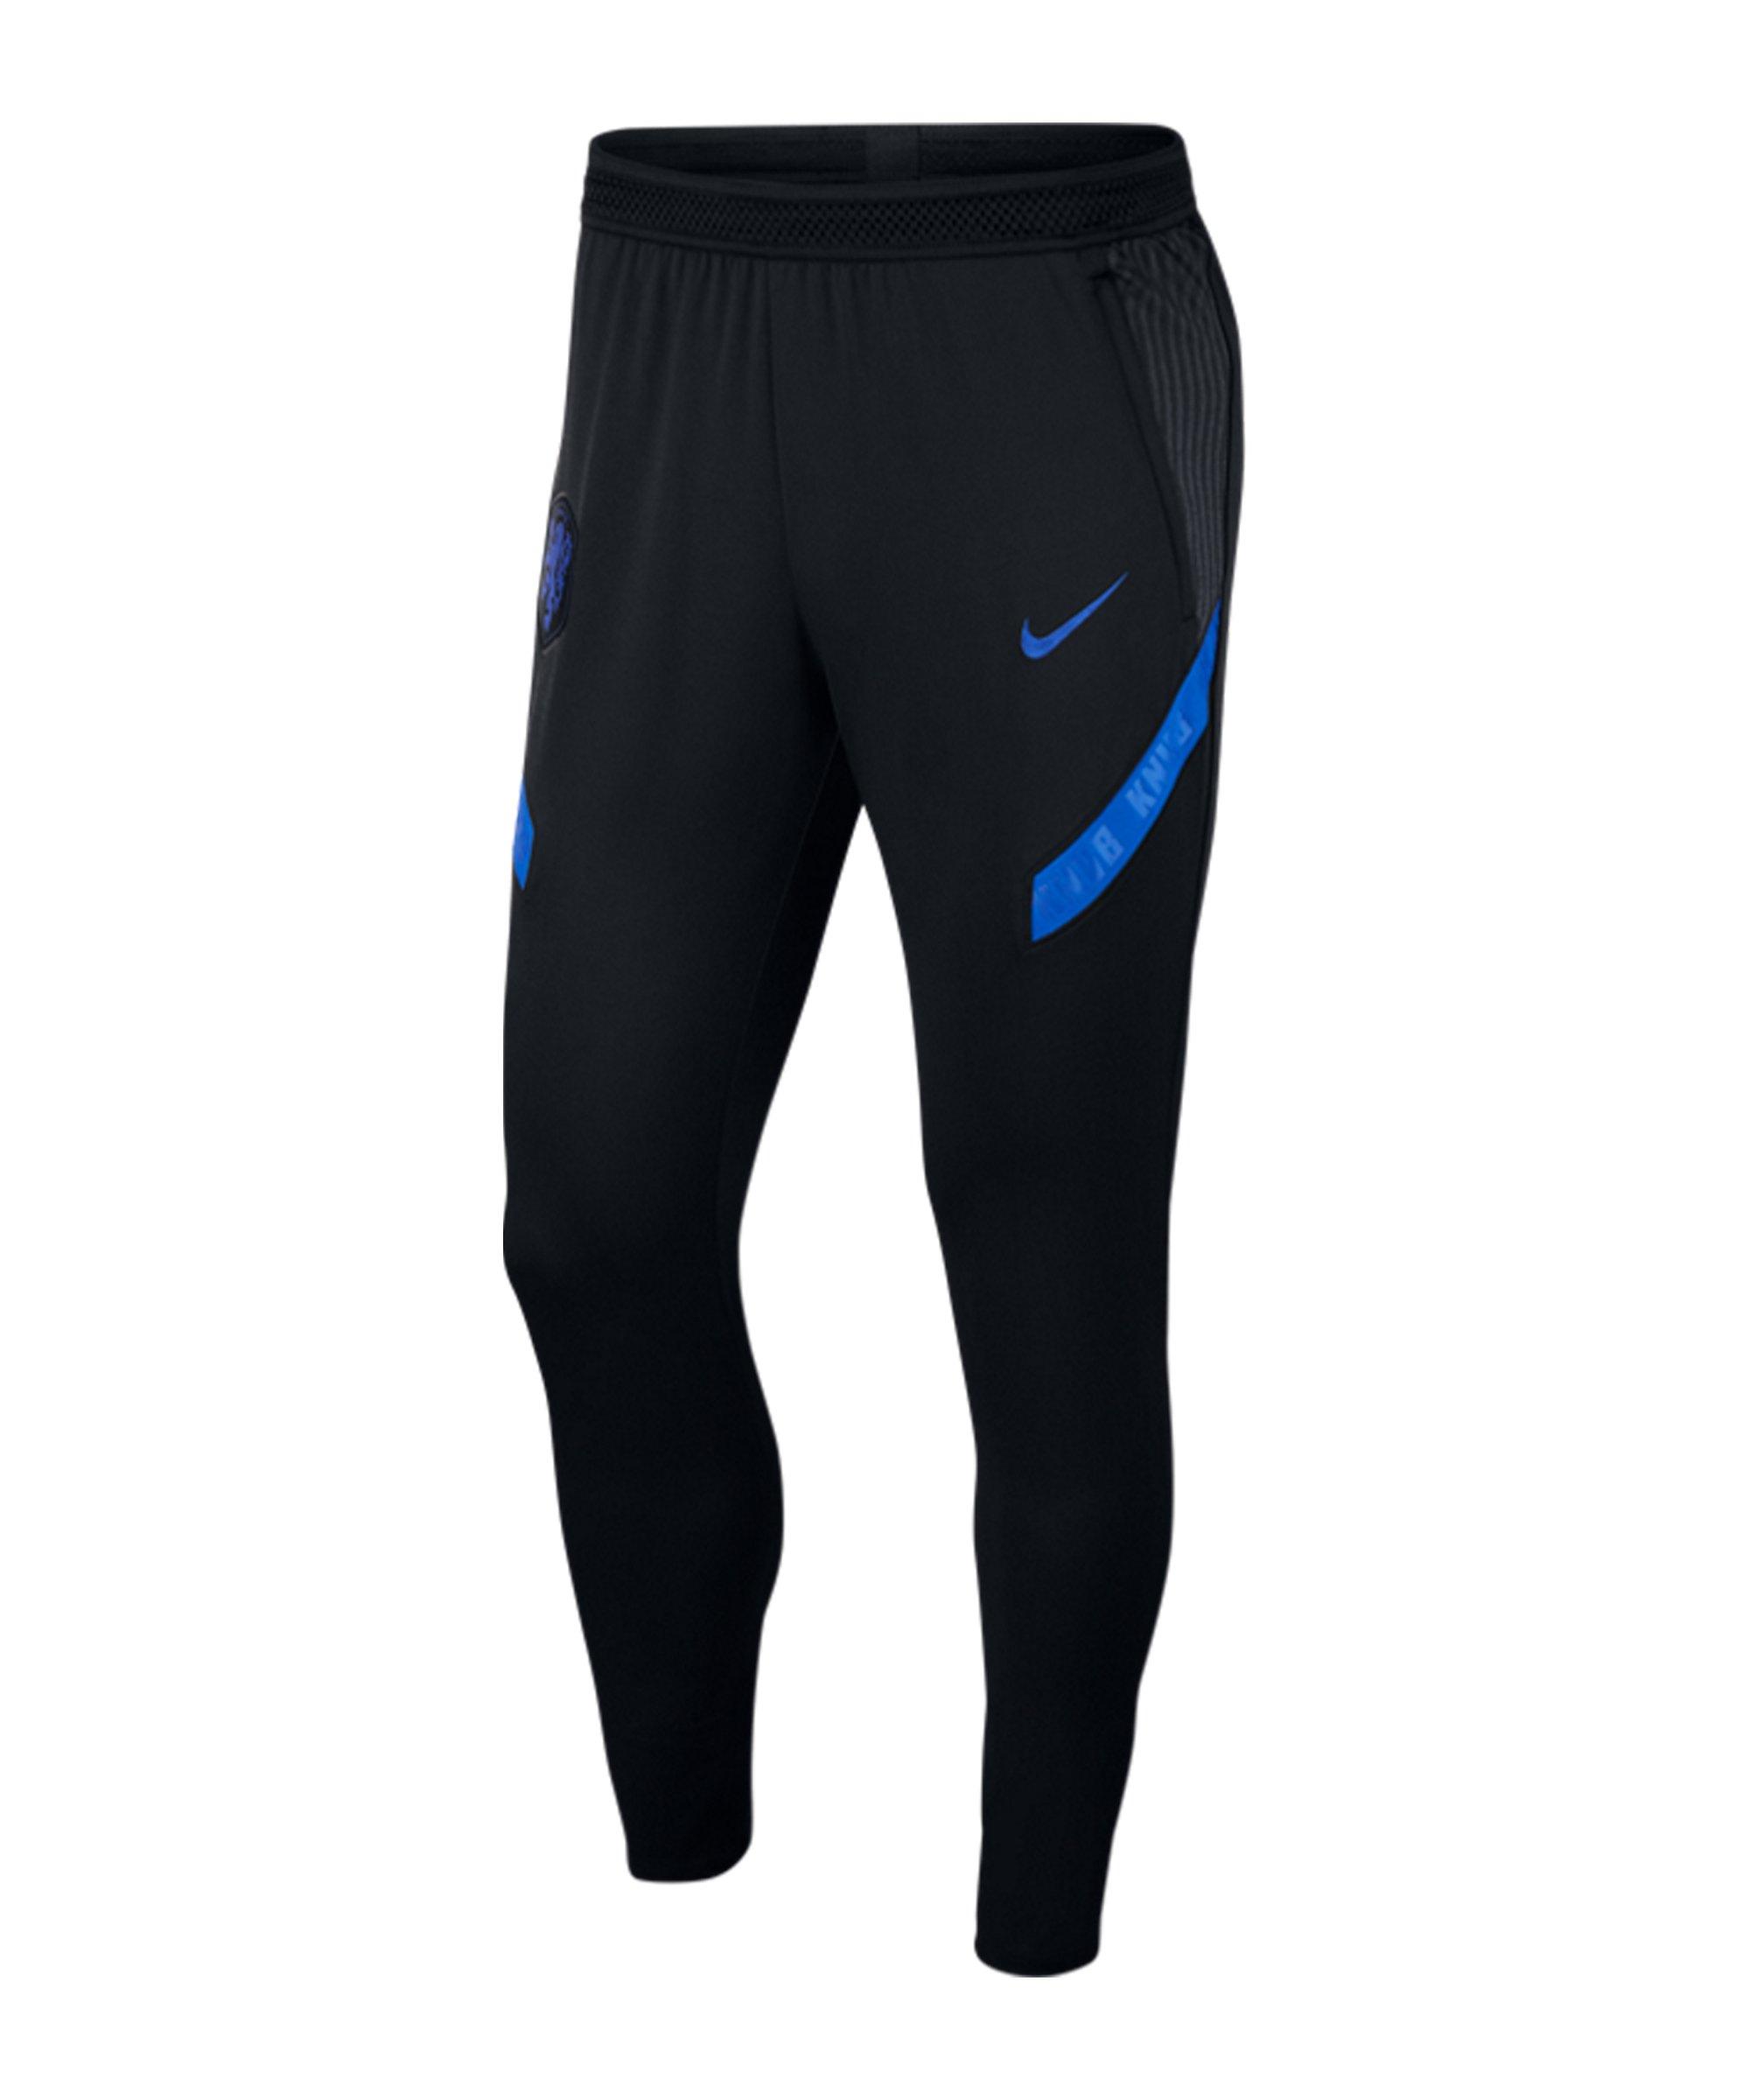 Nike Niederlande Strike Hose lang Schwarz F010 - schwarz